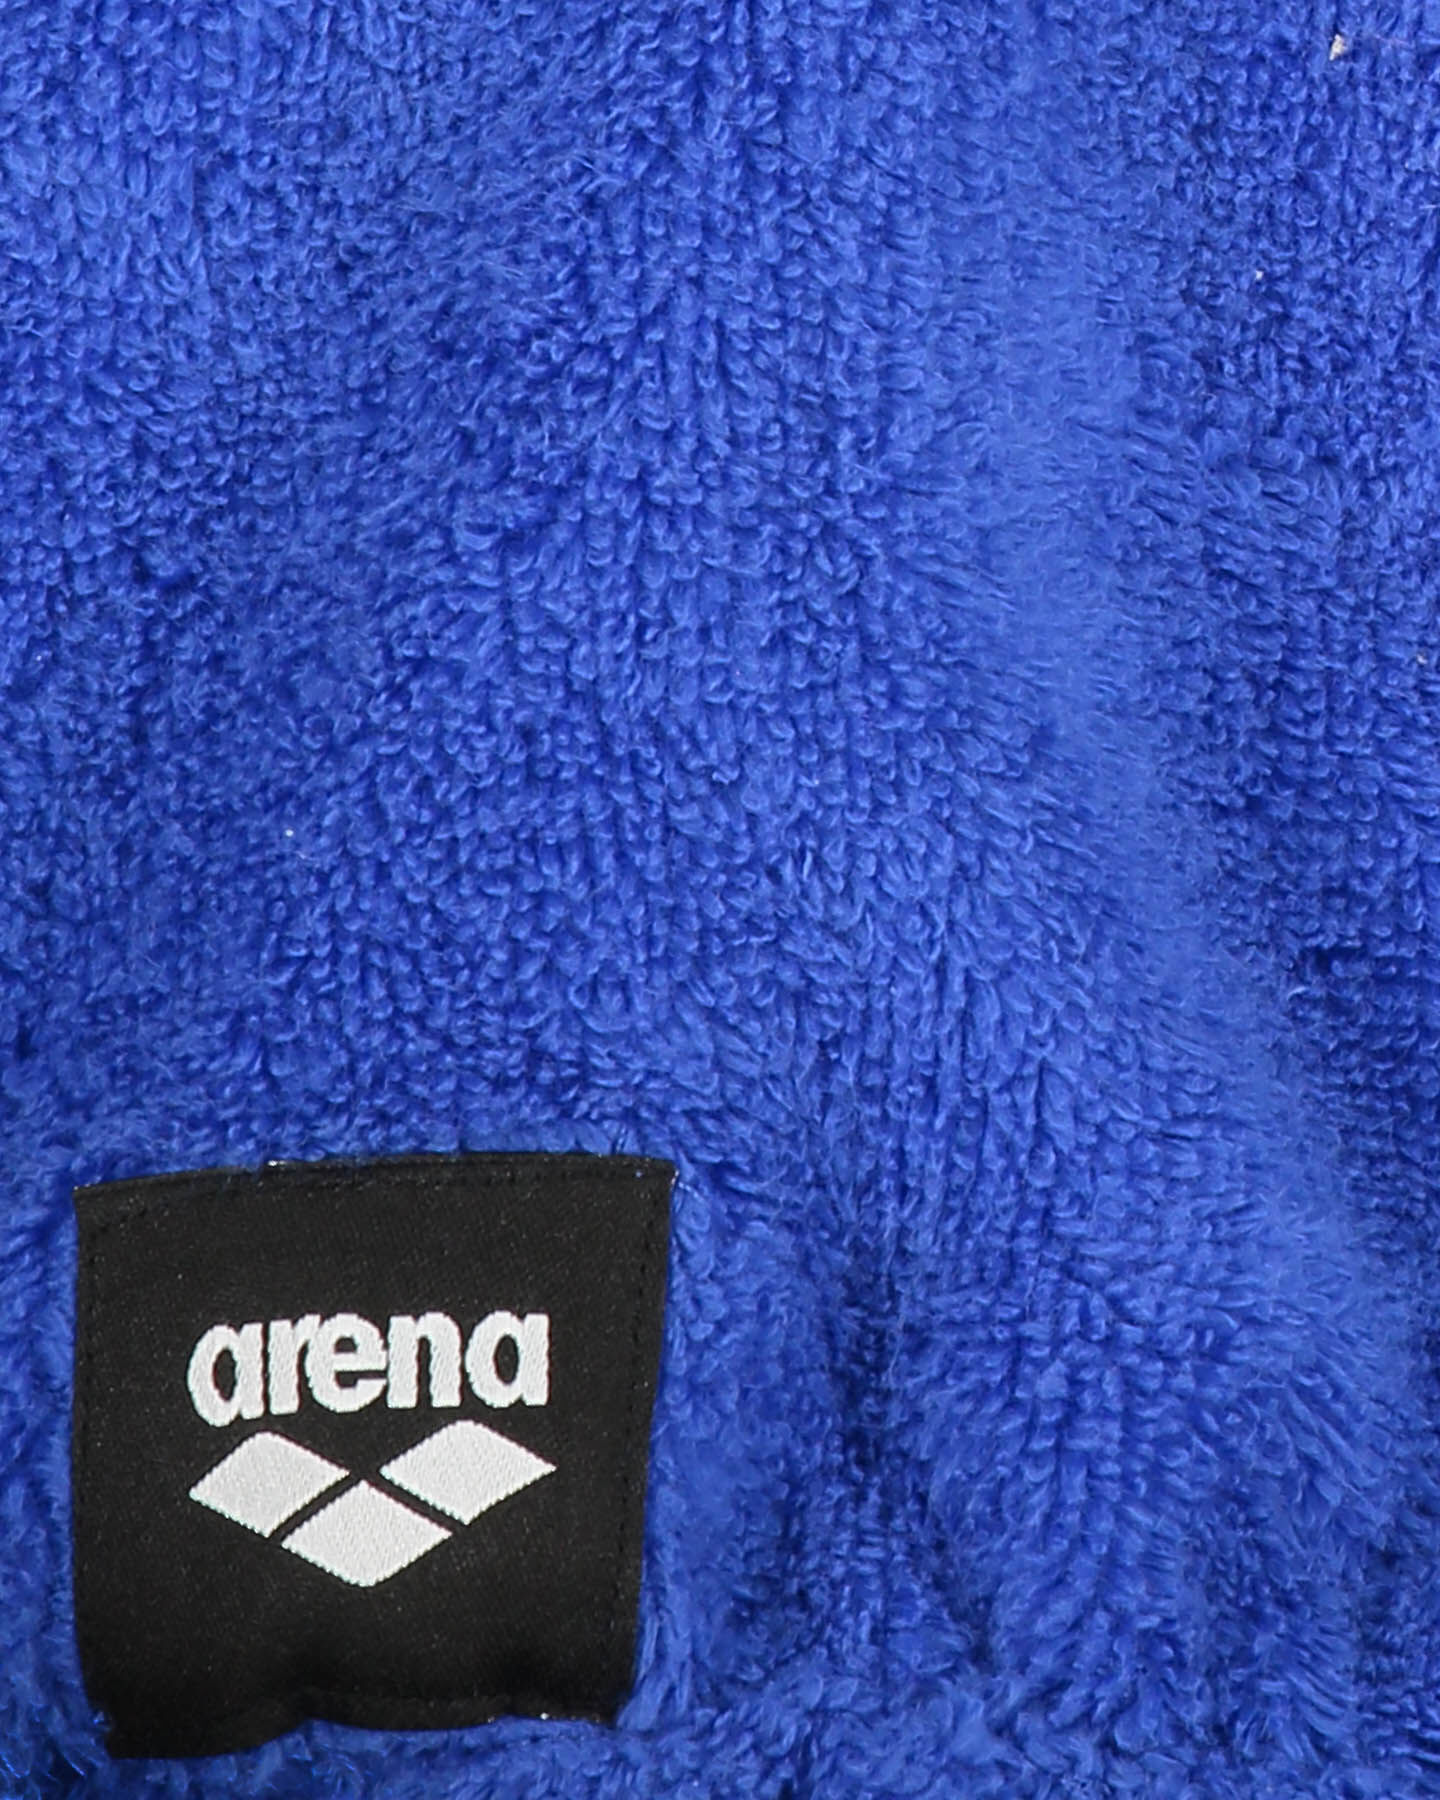 Accessorio piscina ARENA HAIR DRYING S5197663 800 TU scatto 1